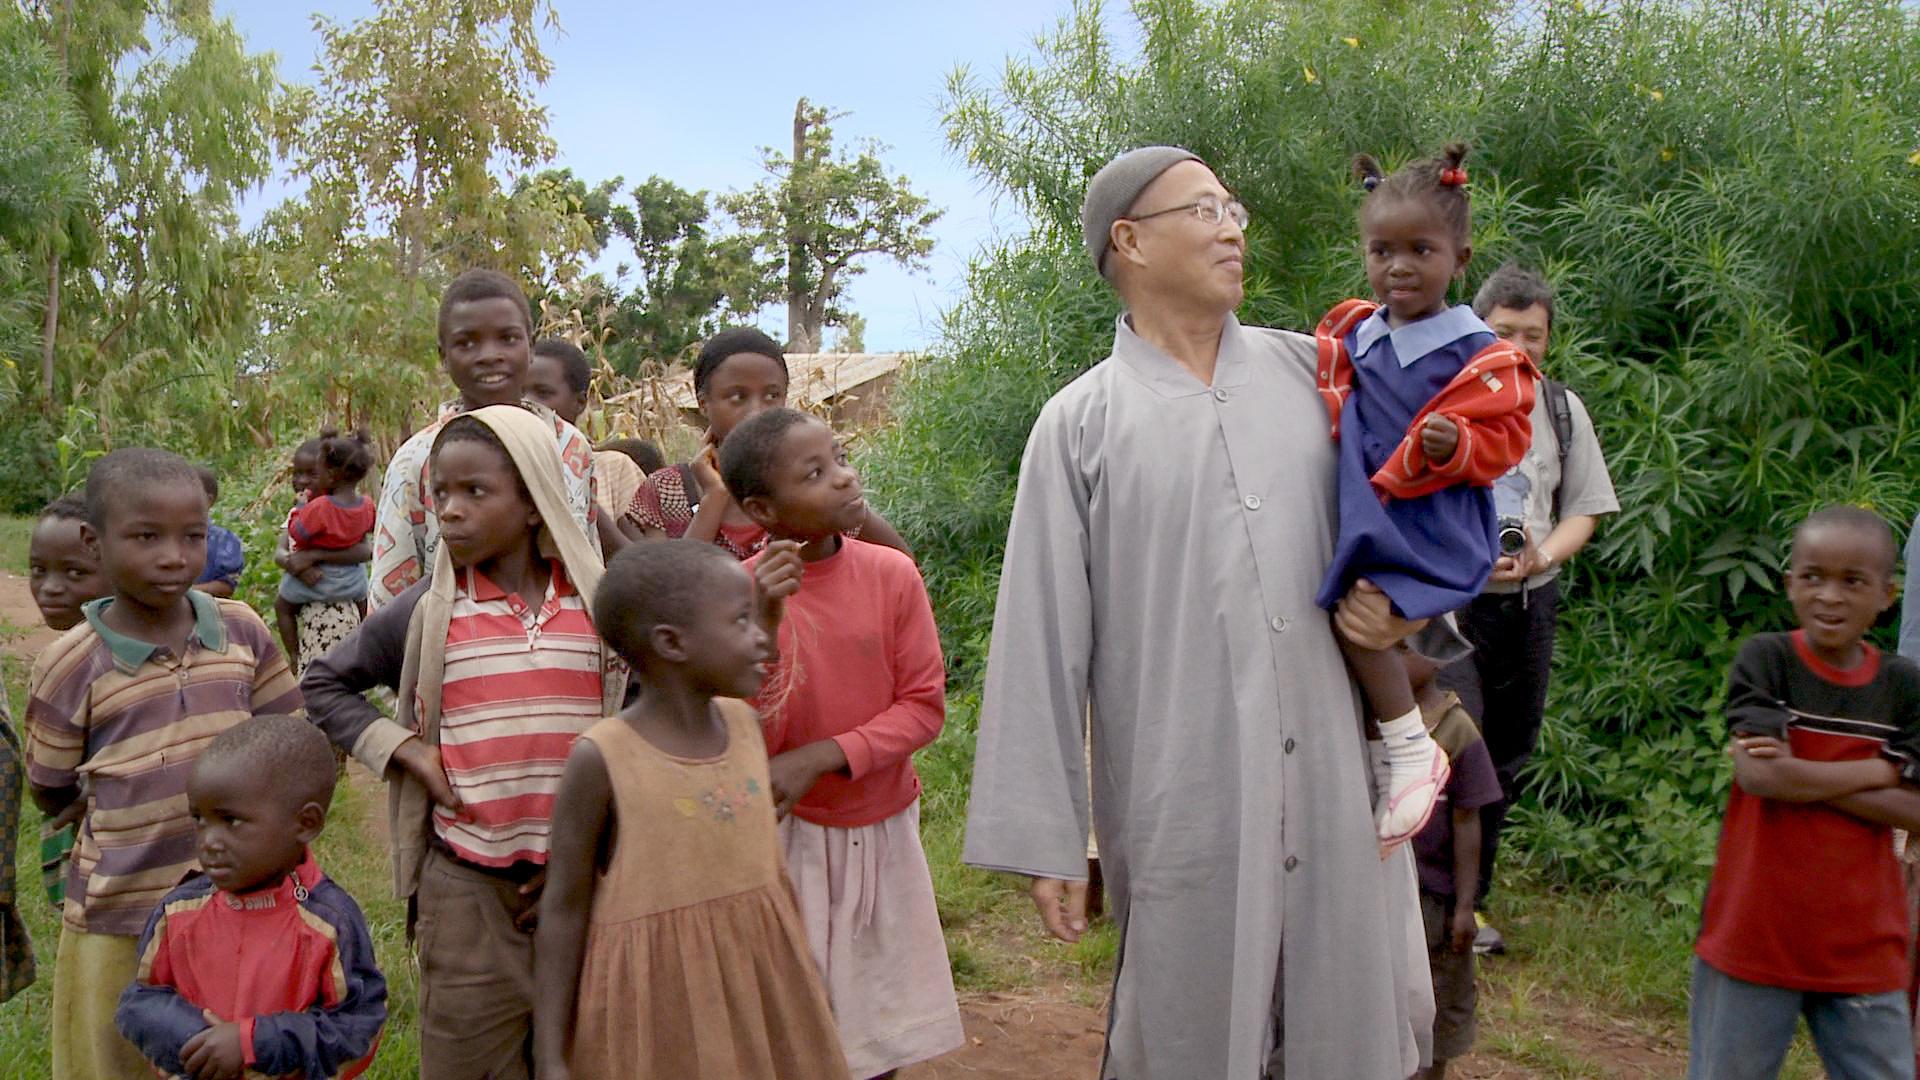 BUDDHA_IN_AFRICA_05